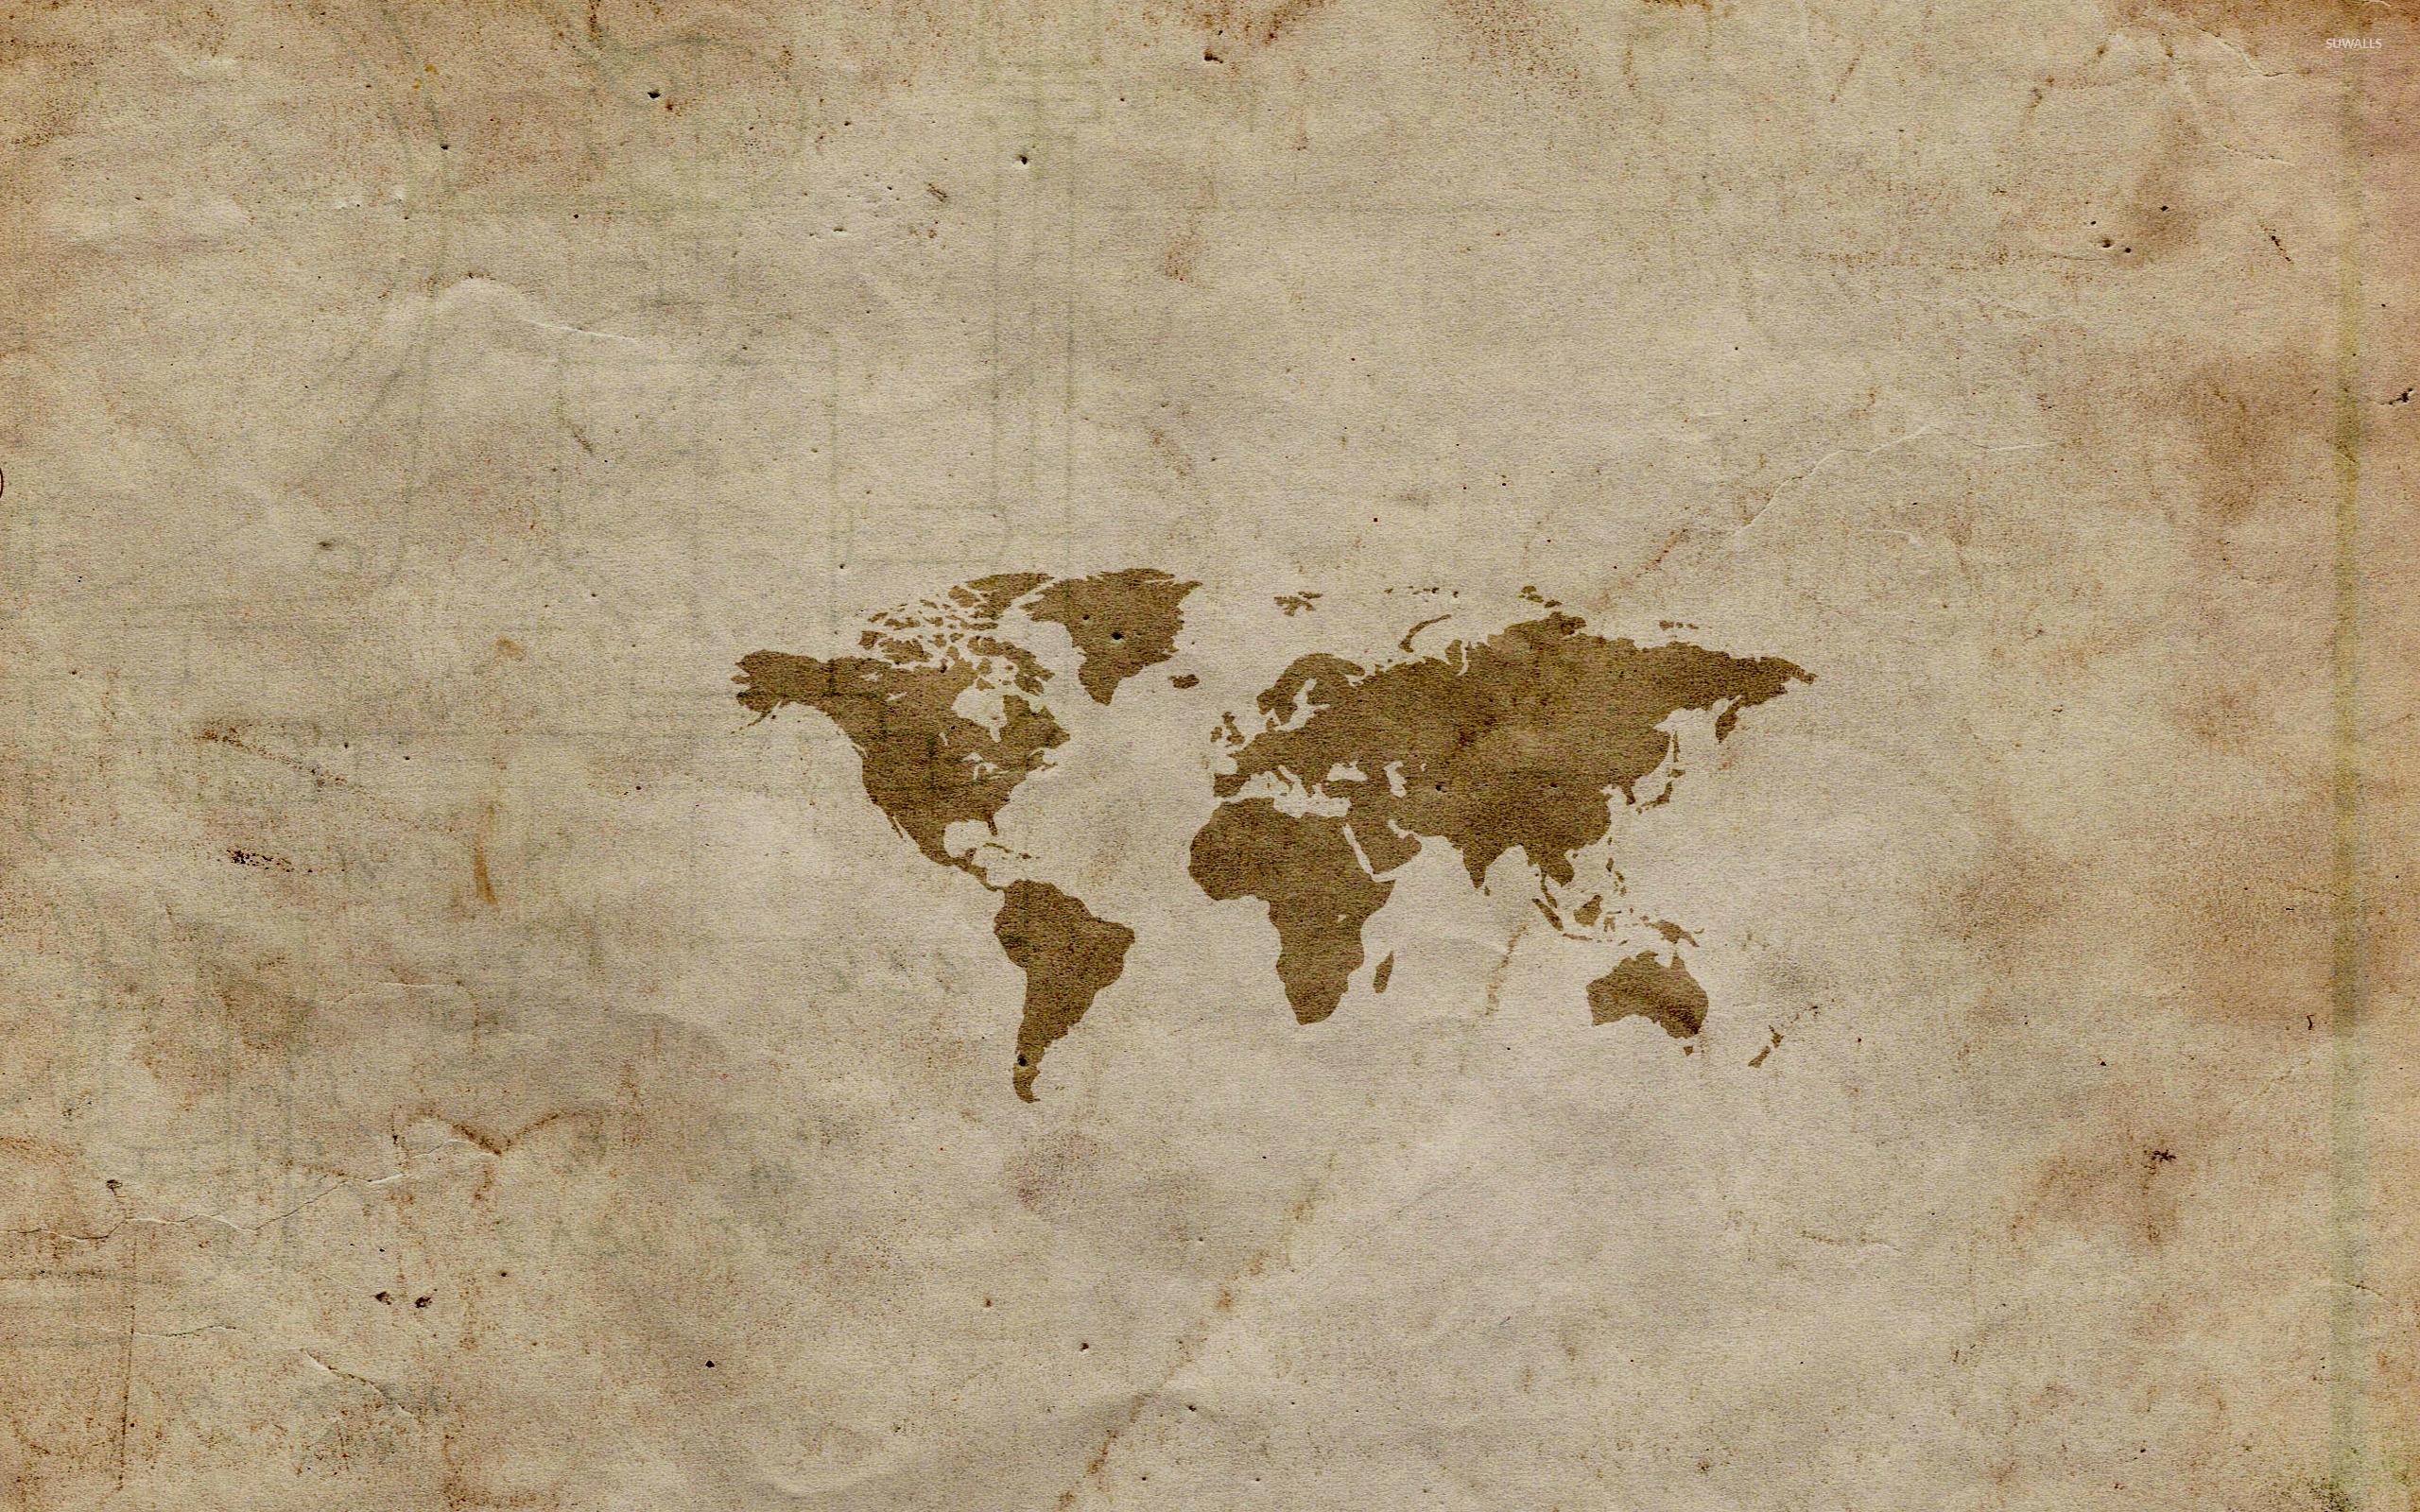 World map 3 wallpaper digital art wallpapers 43767 world map 3 wallpaper gumiabroncs Images